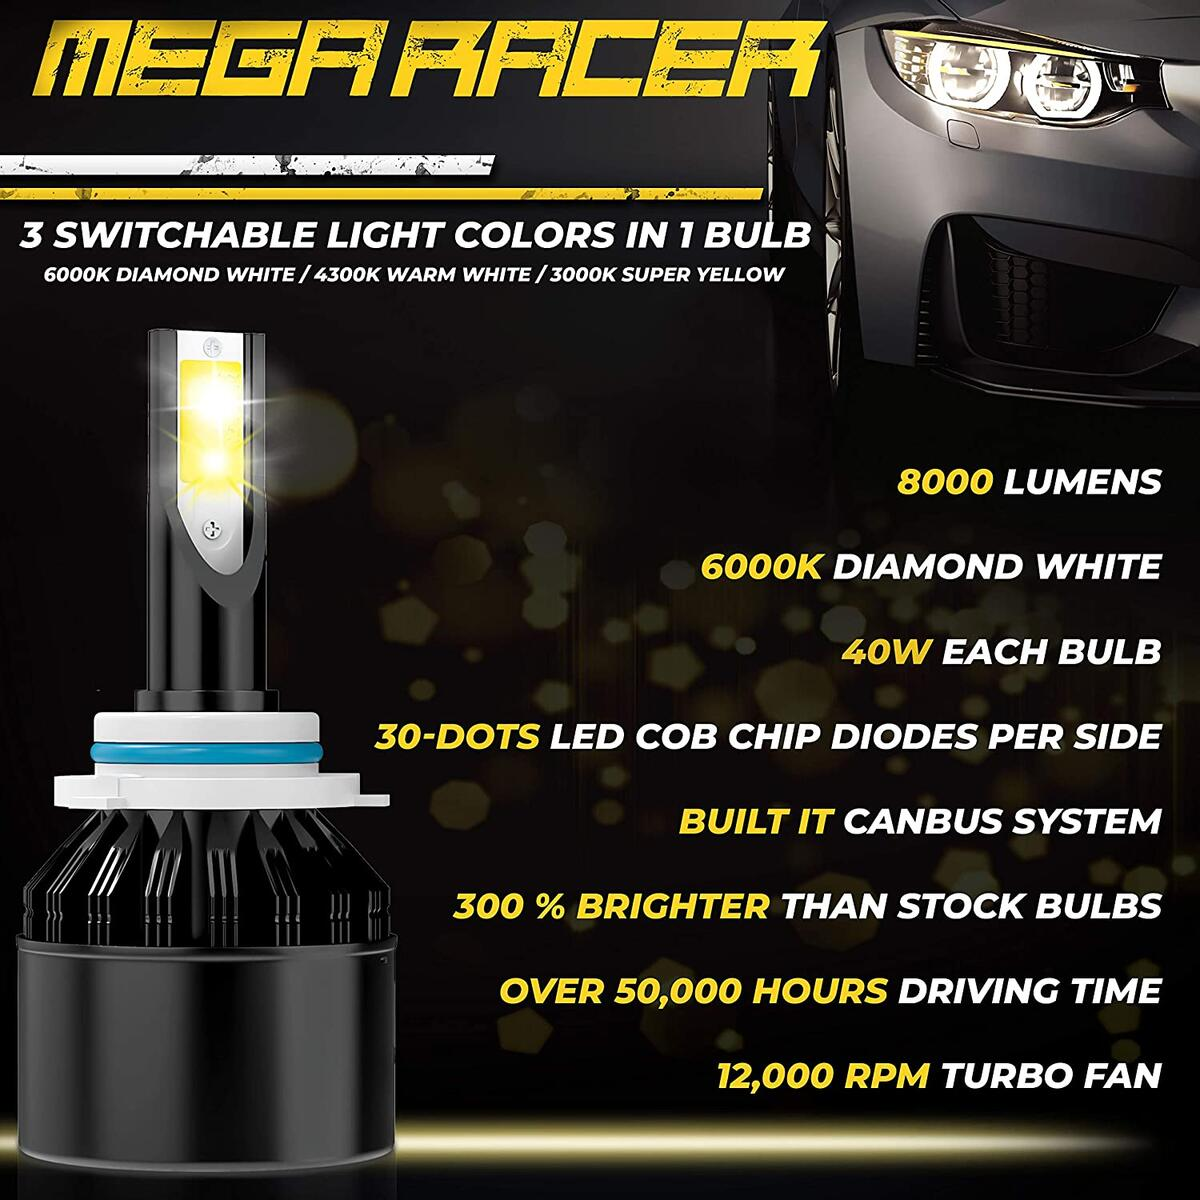 Mega Racer H10/HB3/9005 LED Headlight Bulbs, 3 Color Changing Lights (6000K Diamond White, 3000K Golden Yellow, 4300K Warm White) for High Beam/Low Beam/Fog Lights, 50W 8000 Lumens COB IP68, Pack of 2